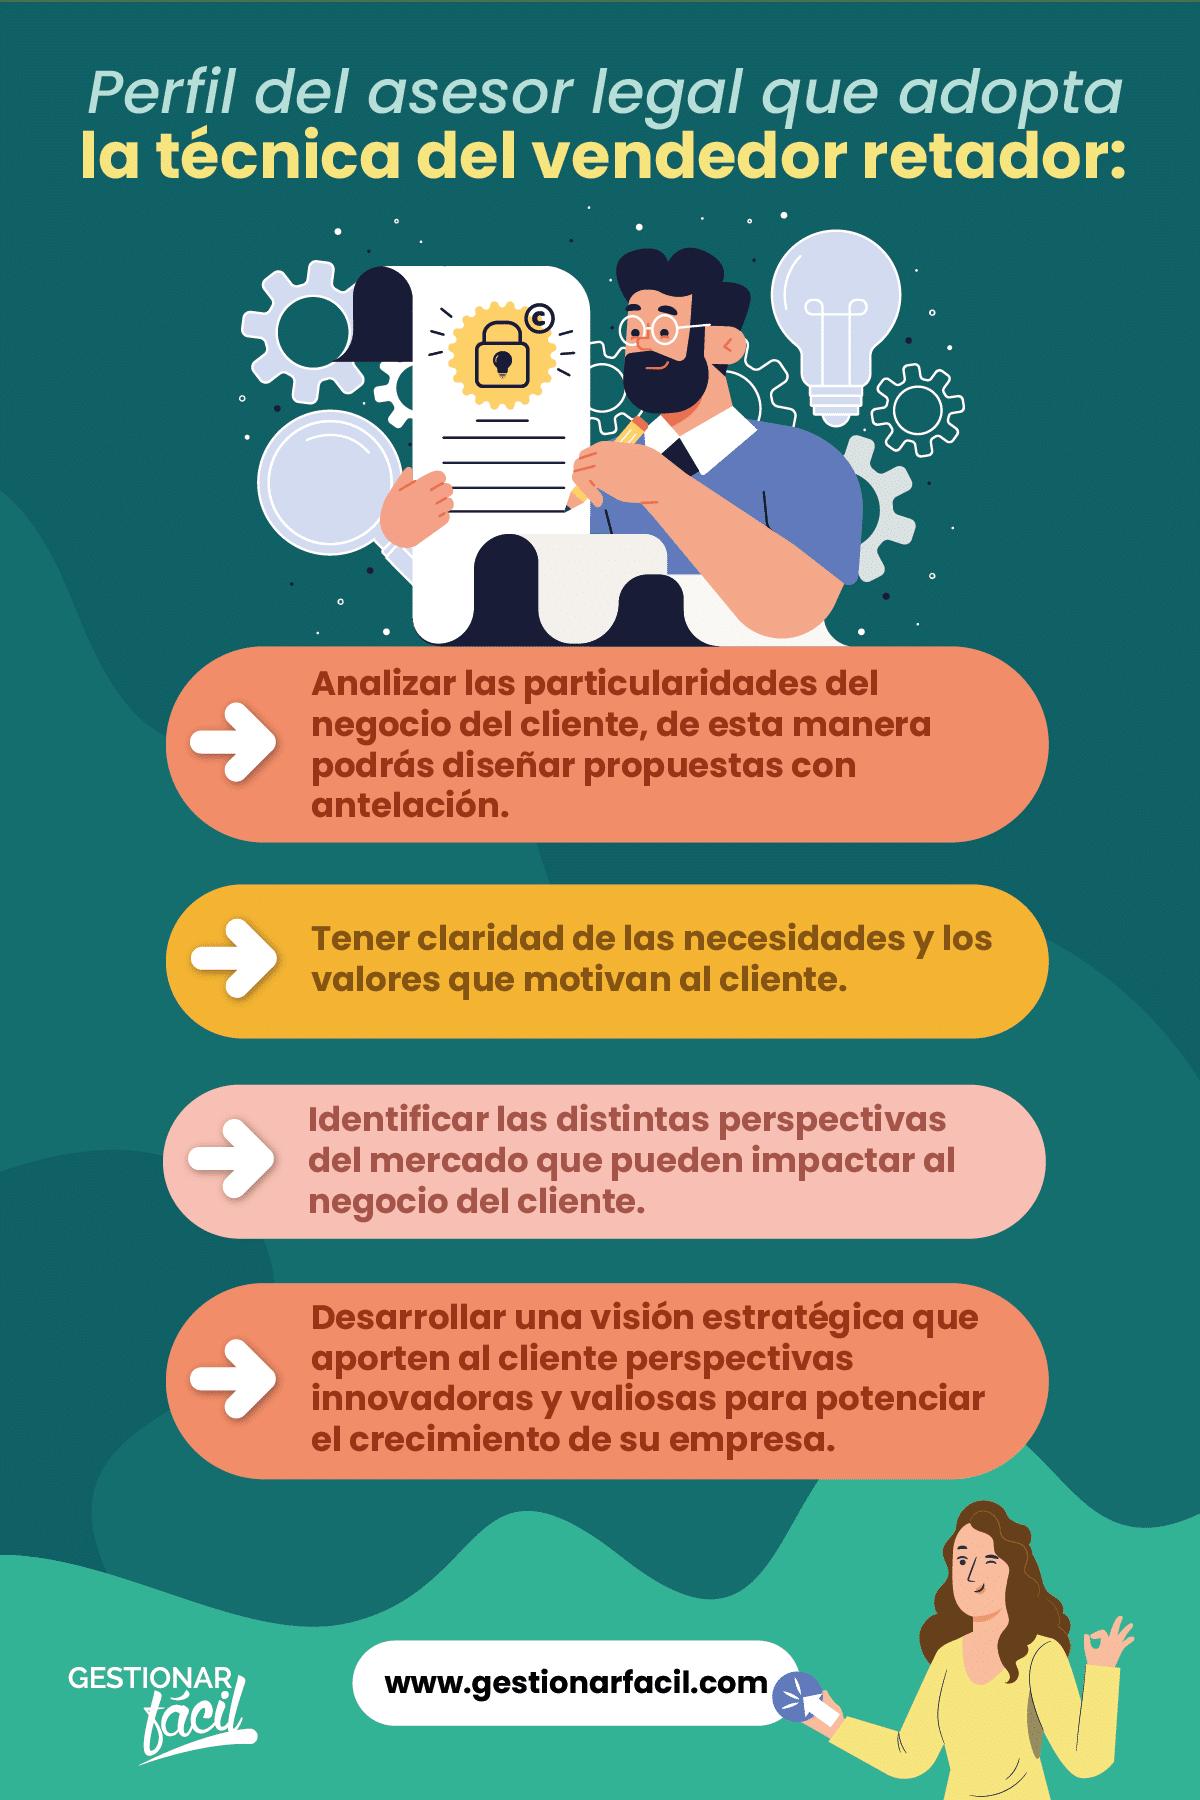 Perfil del asesor legal que adopta la técnica del vendedor retador.